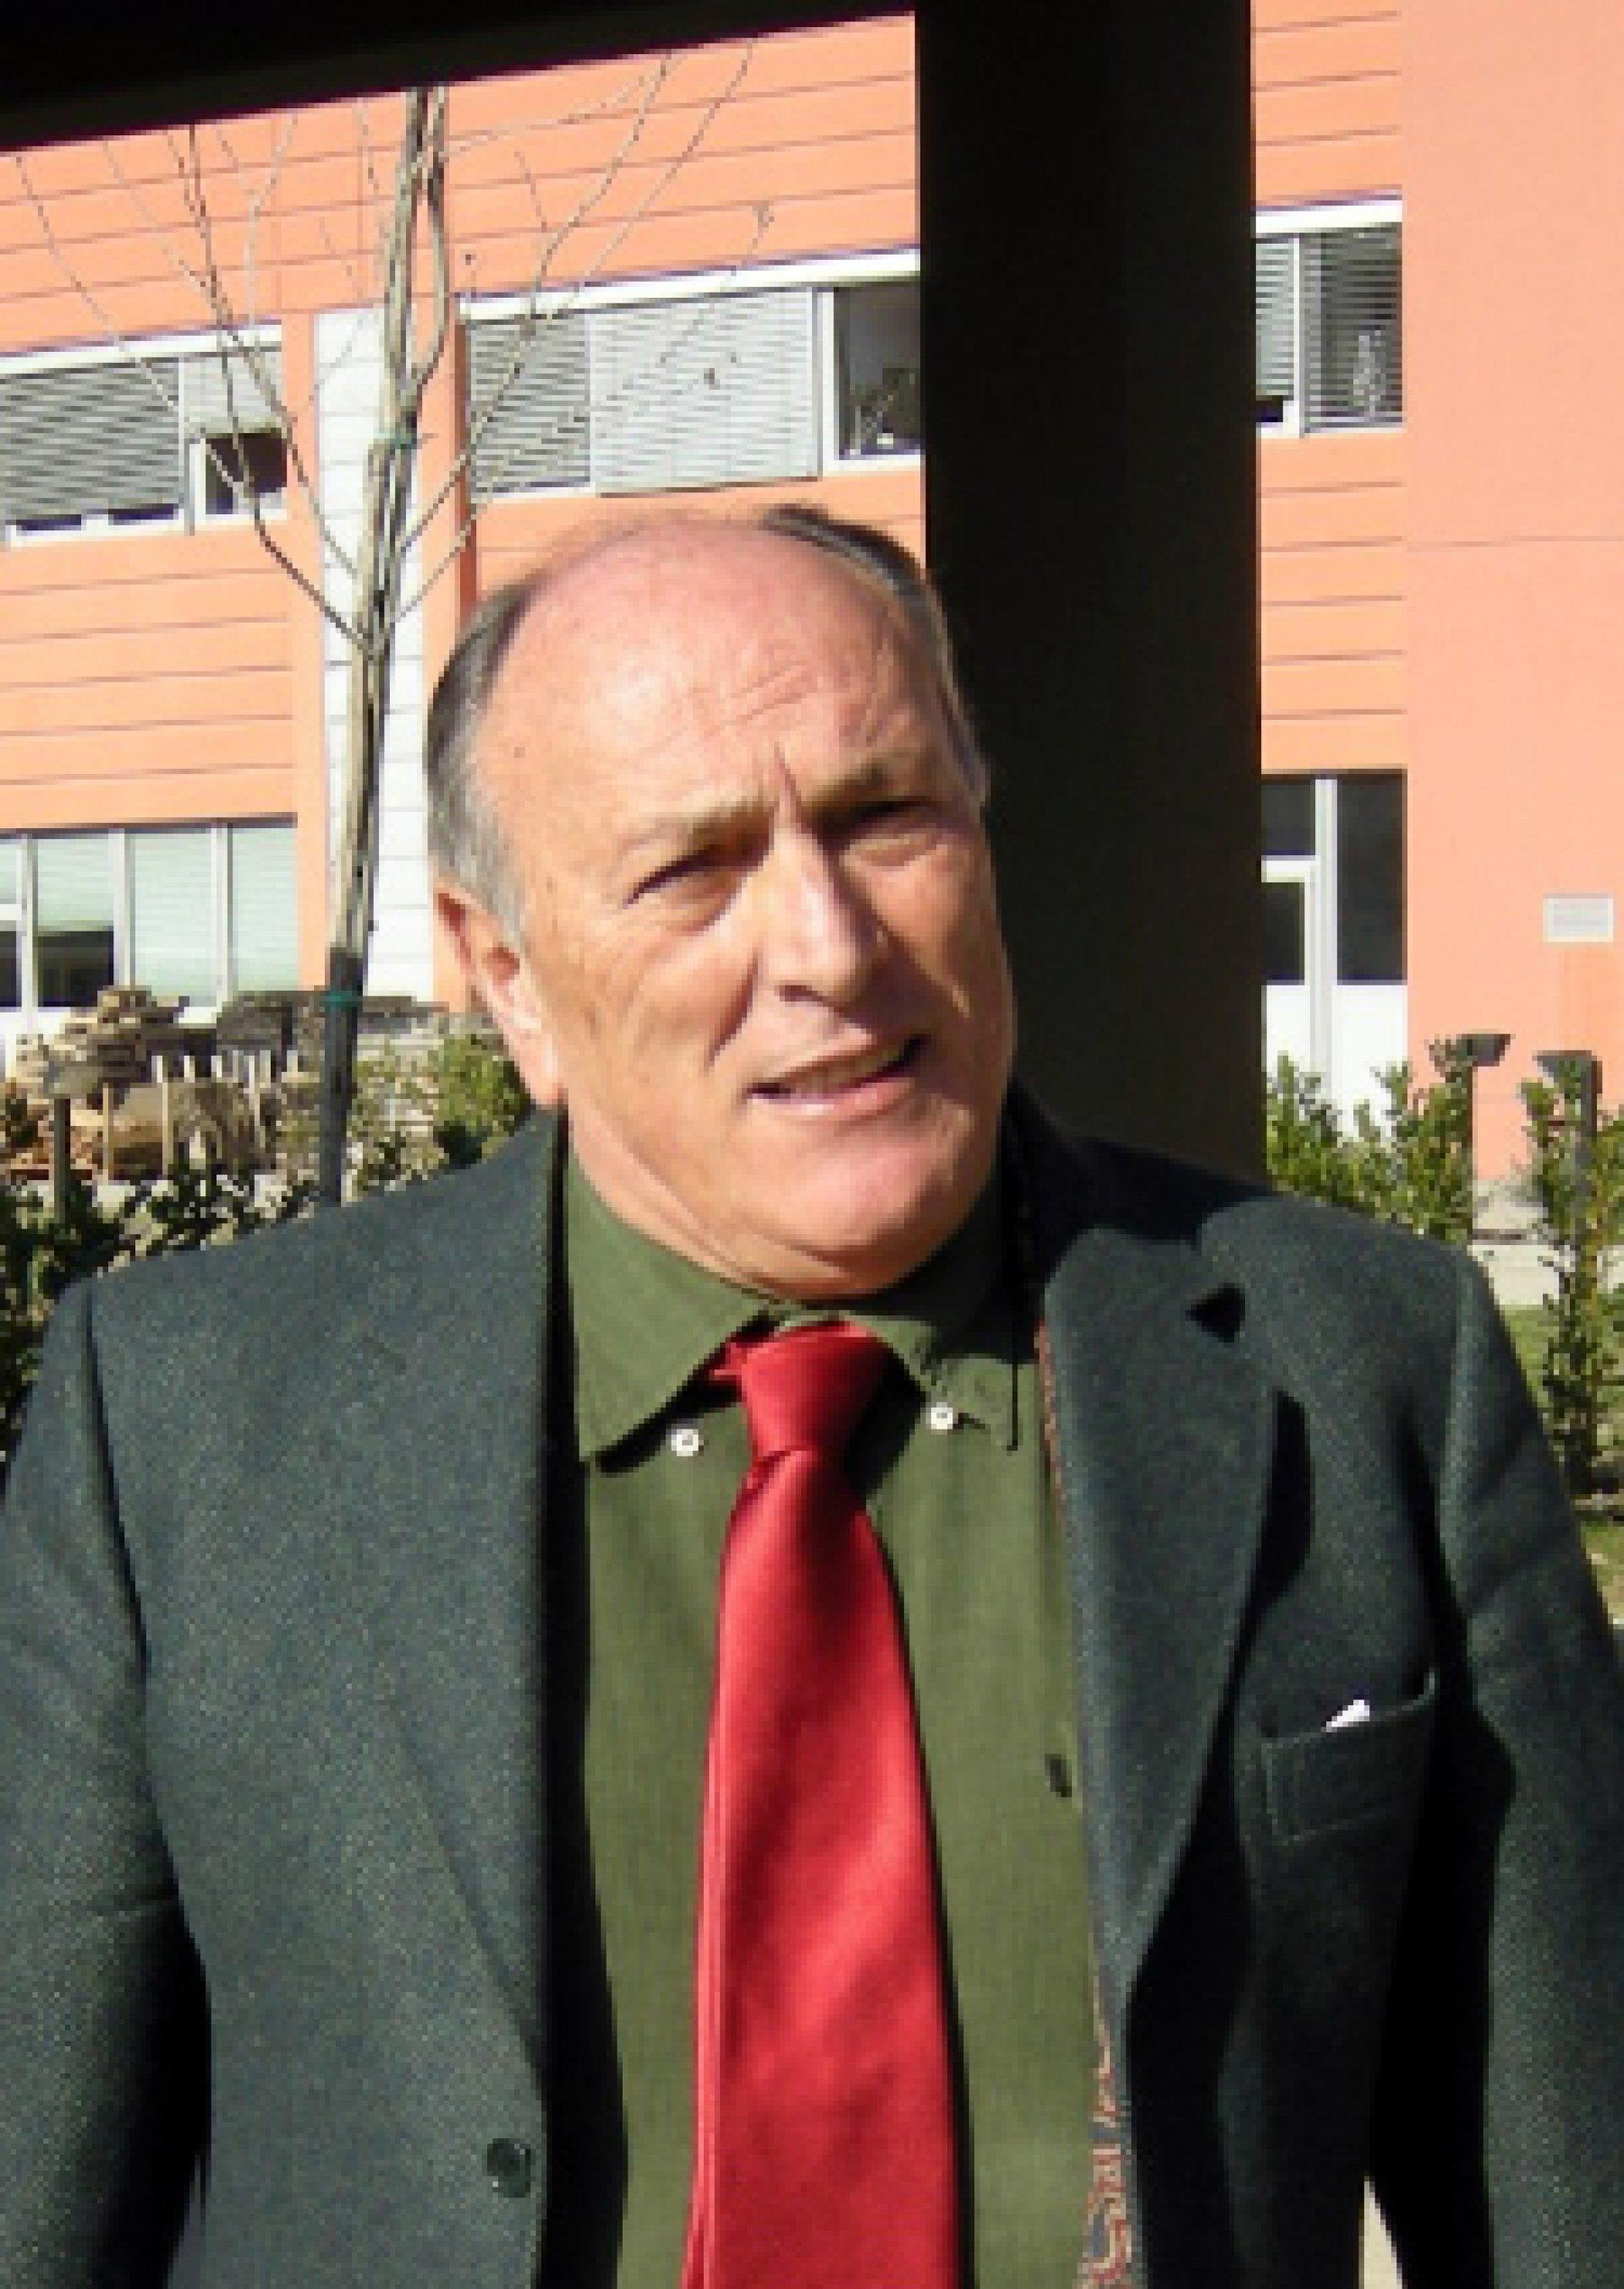 Antonio Cimato